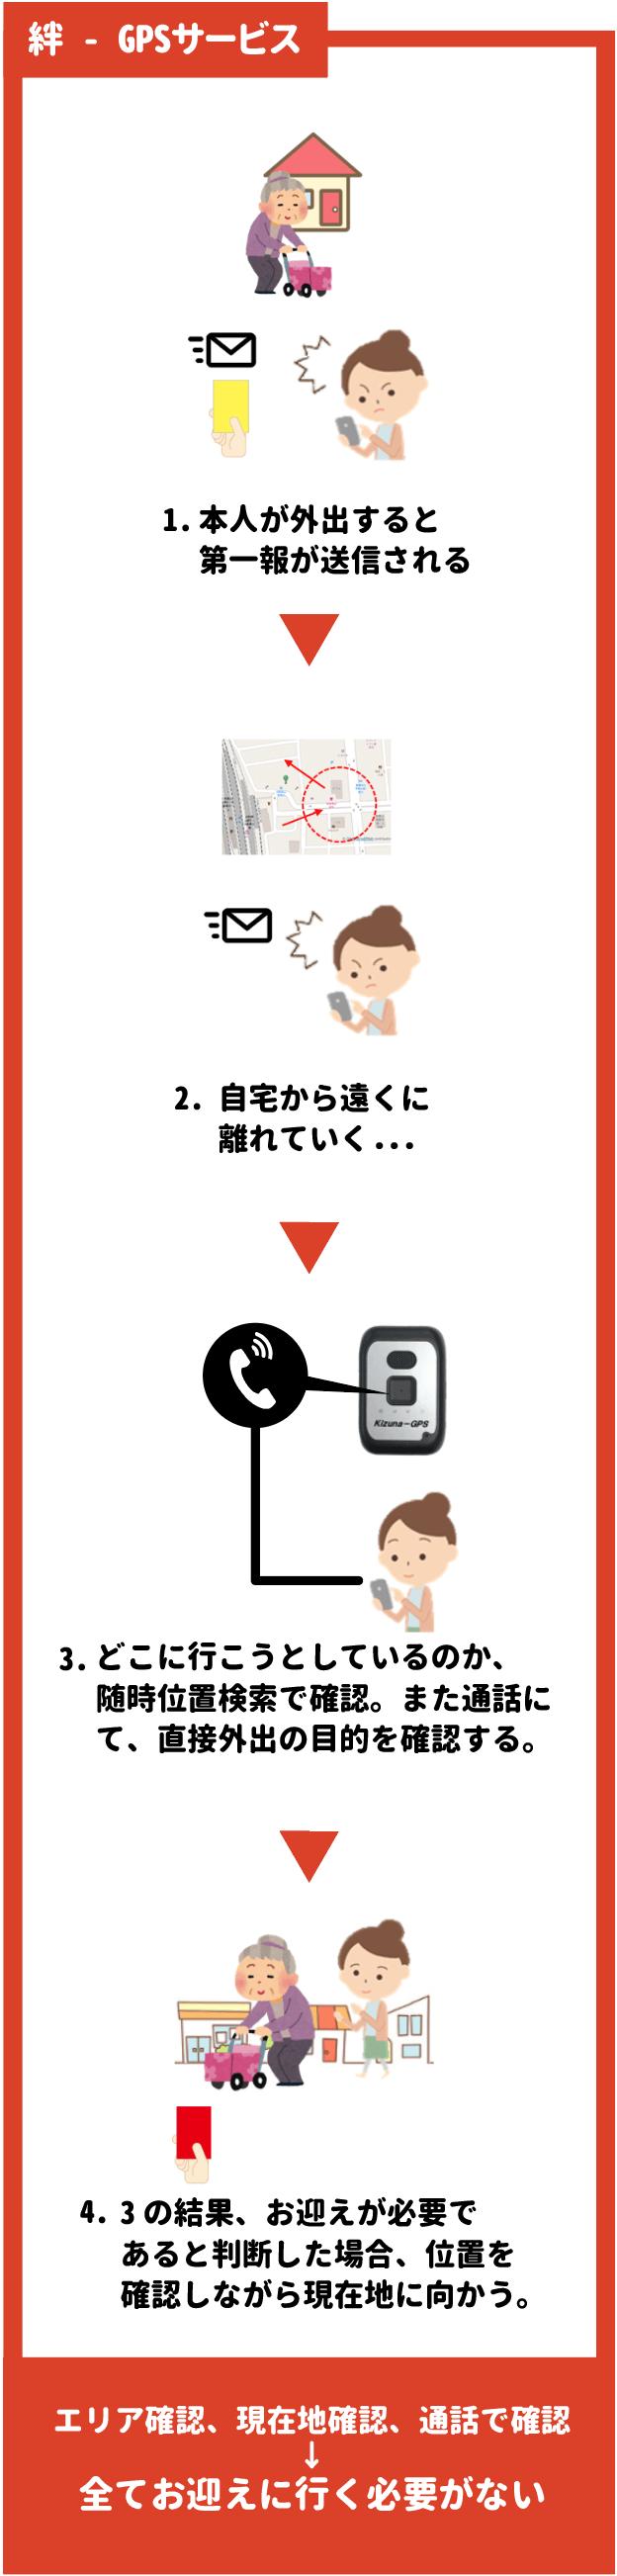 徘徊見守りサービス「絆GPS」の特長「お迎えの要不要を確認できる」「通話で状況確認できる」「外出の目的を聞ける」